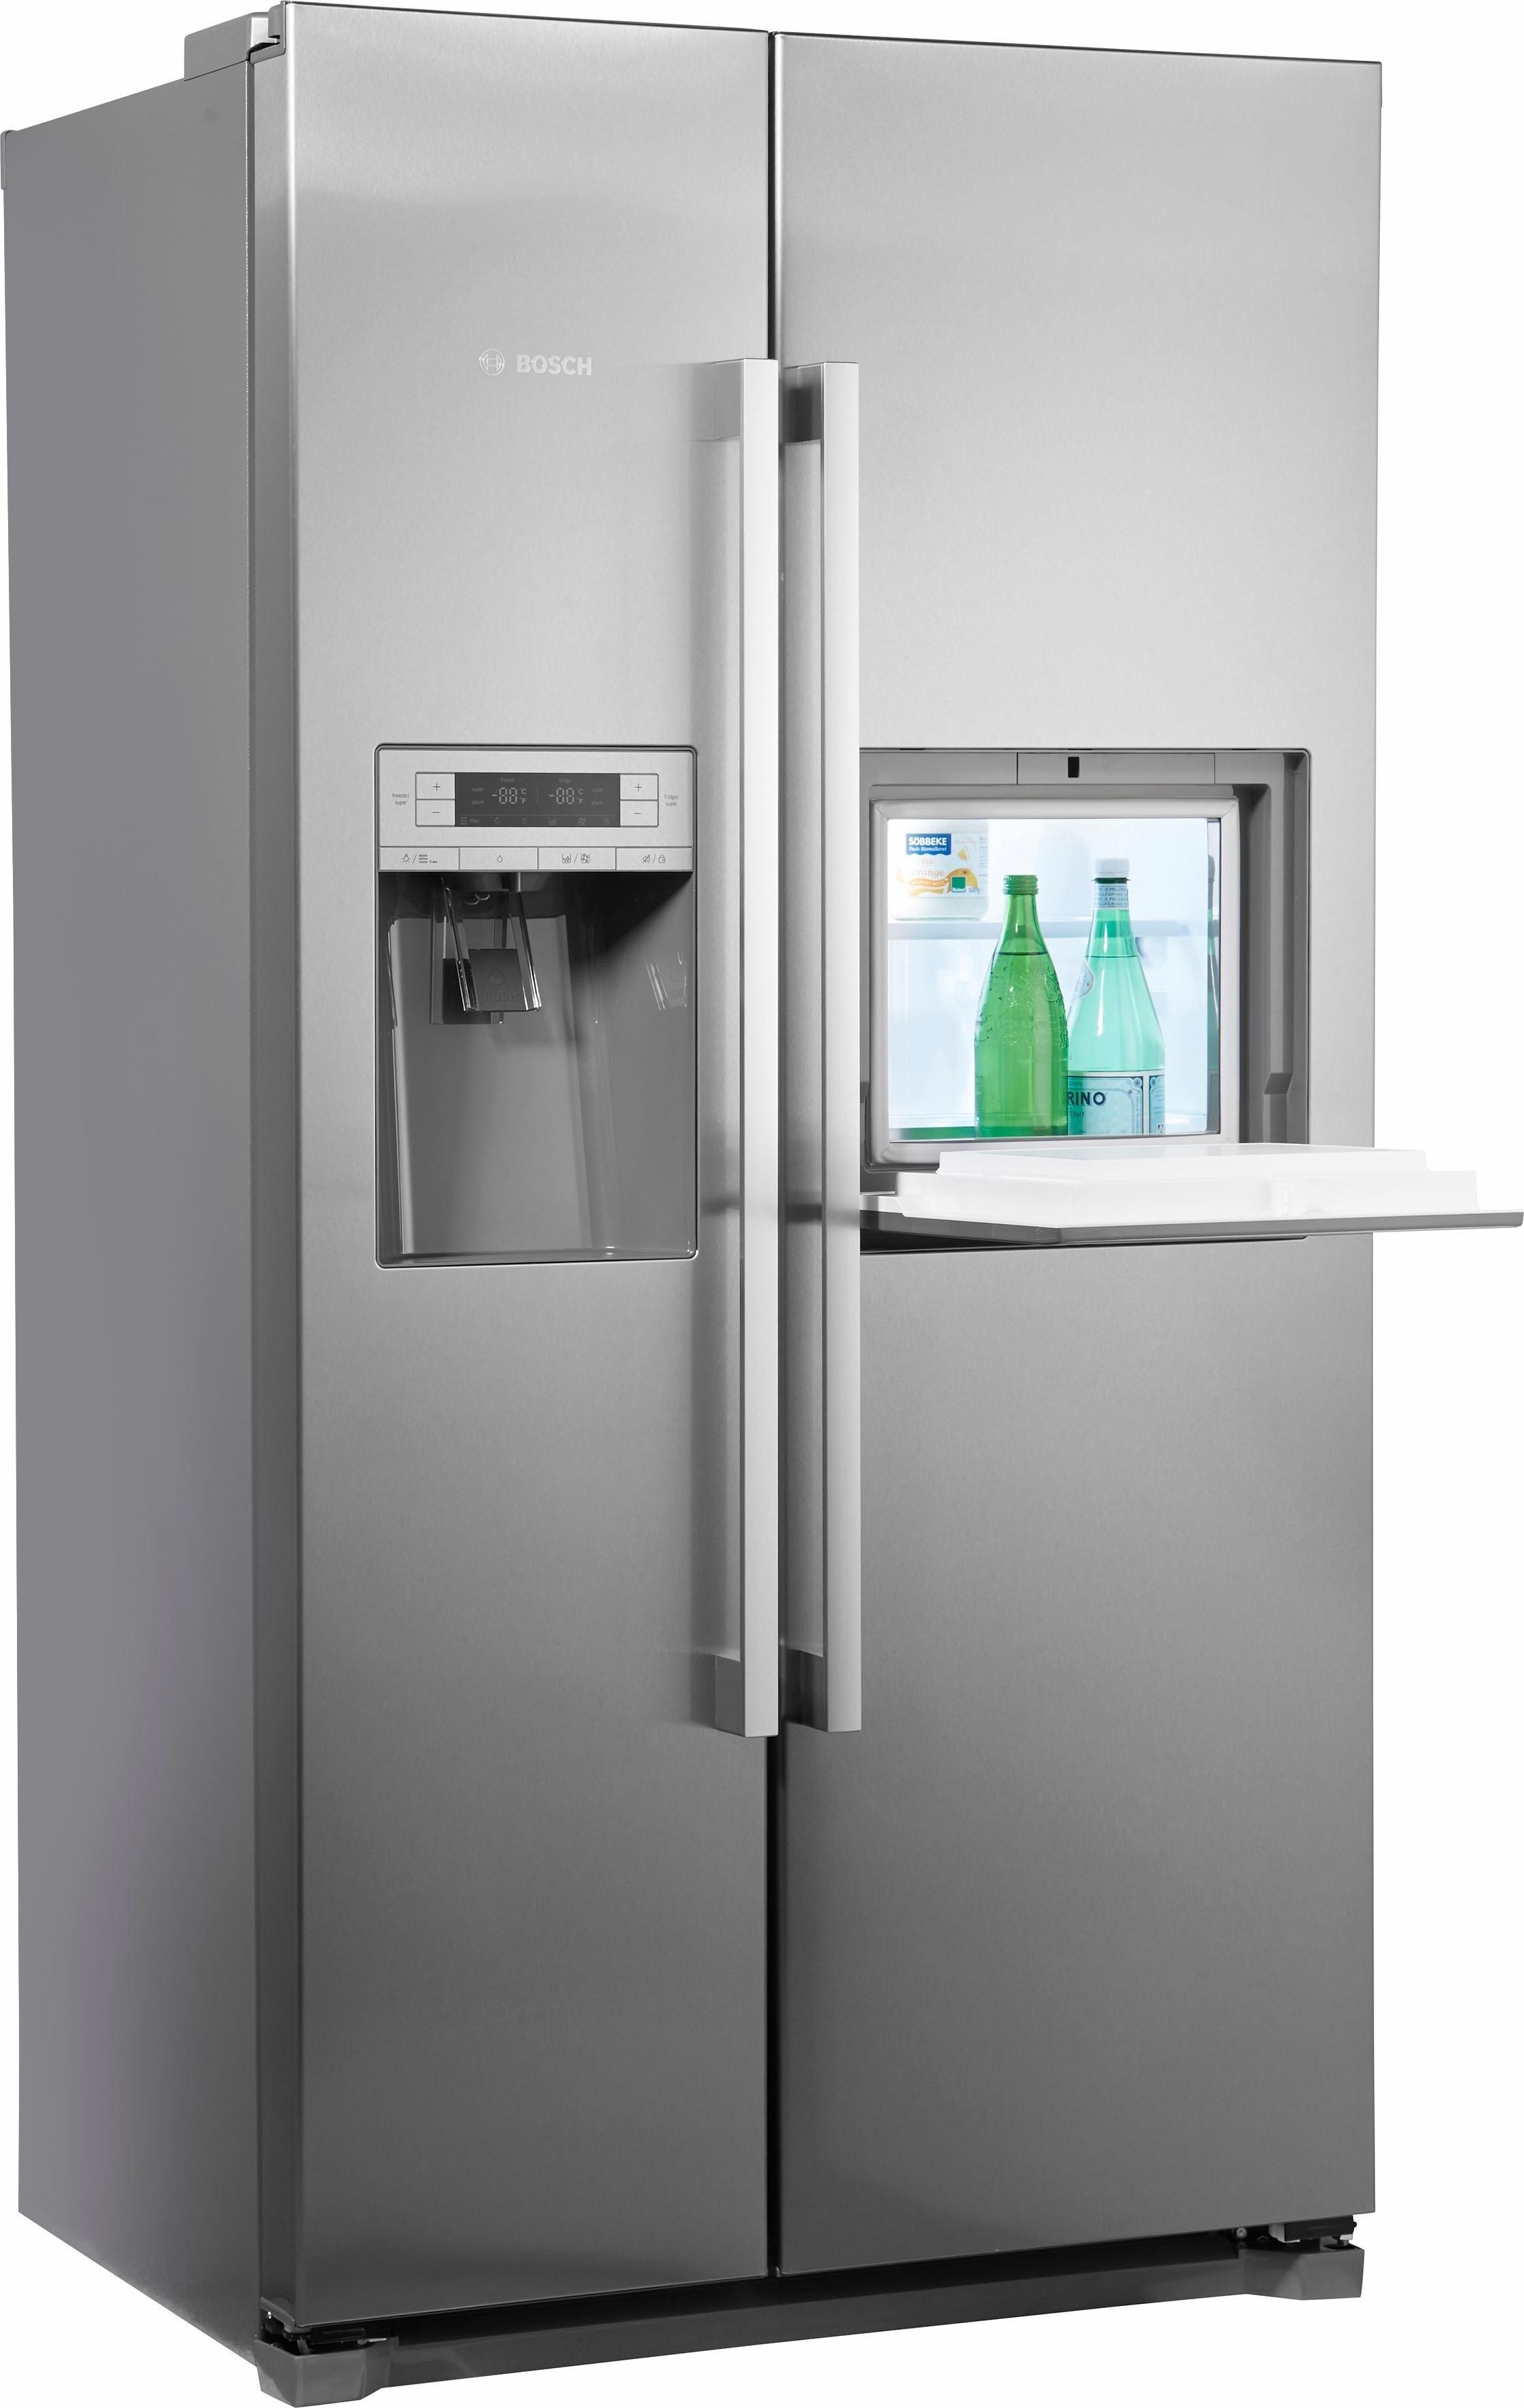 Bosch side-by-side-koelkast KAG90AI20, A+, 177 cm hoog, No Frost in de webshop van OTTO kopen